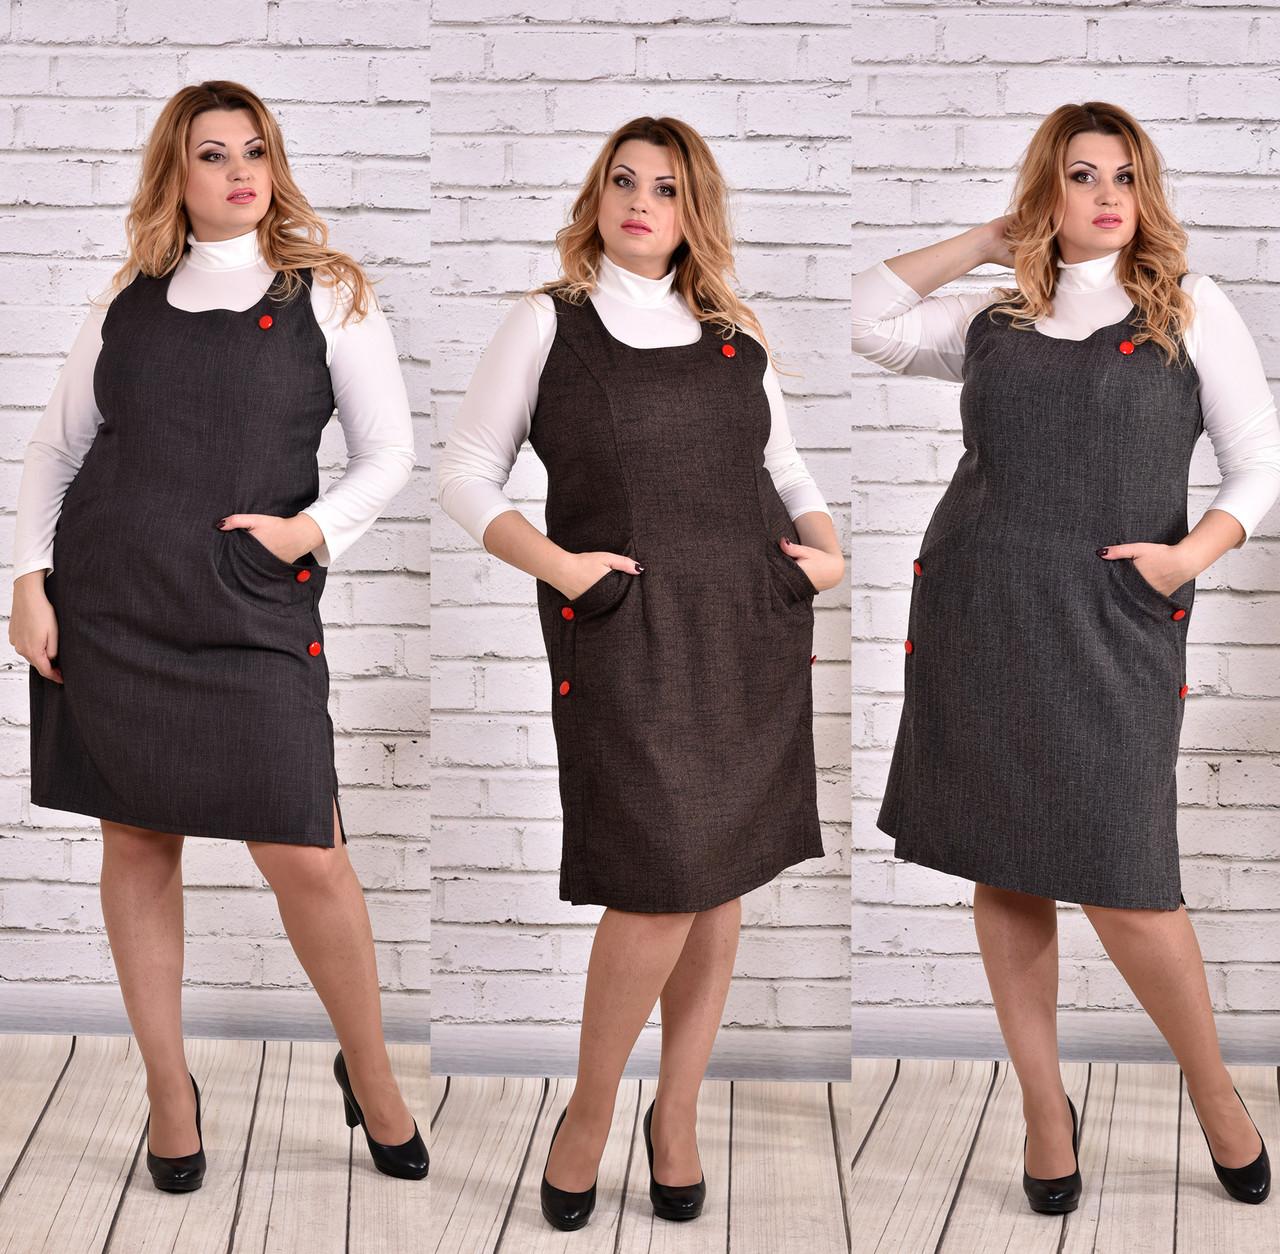 ea74932e377 Теплый сарафан больших размеров 0629 - DS Moda - женская одежда оптом от  производителя в Харькове